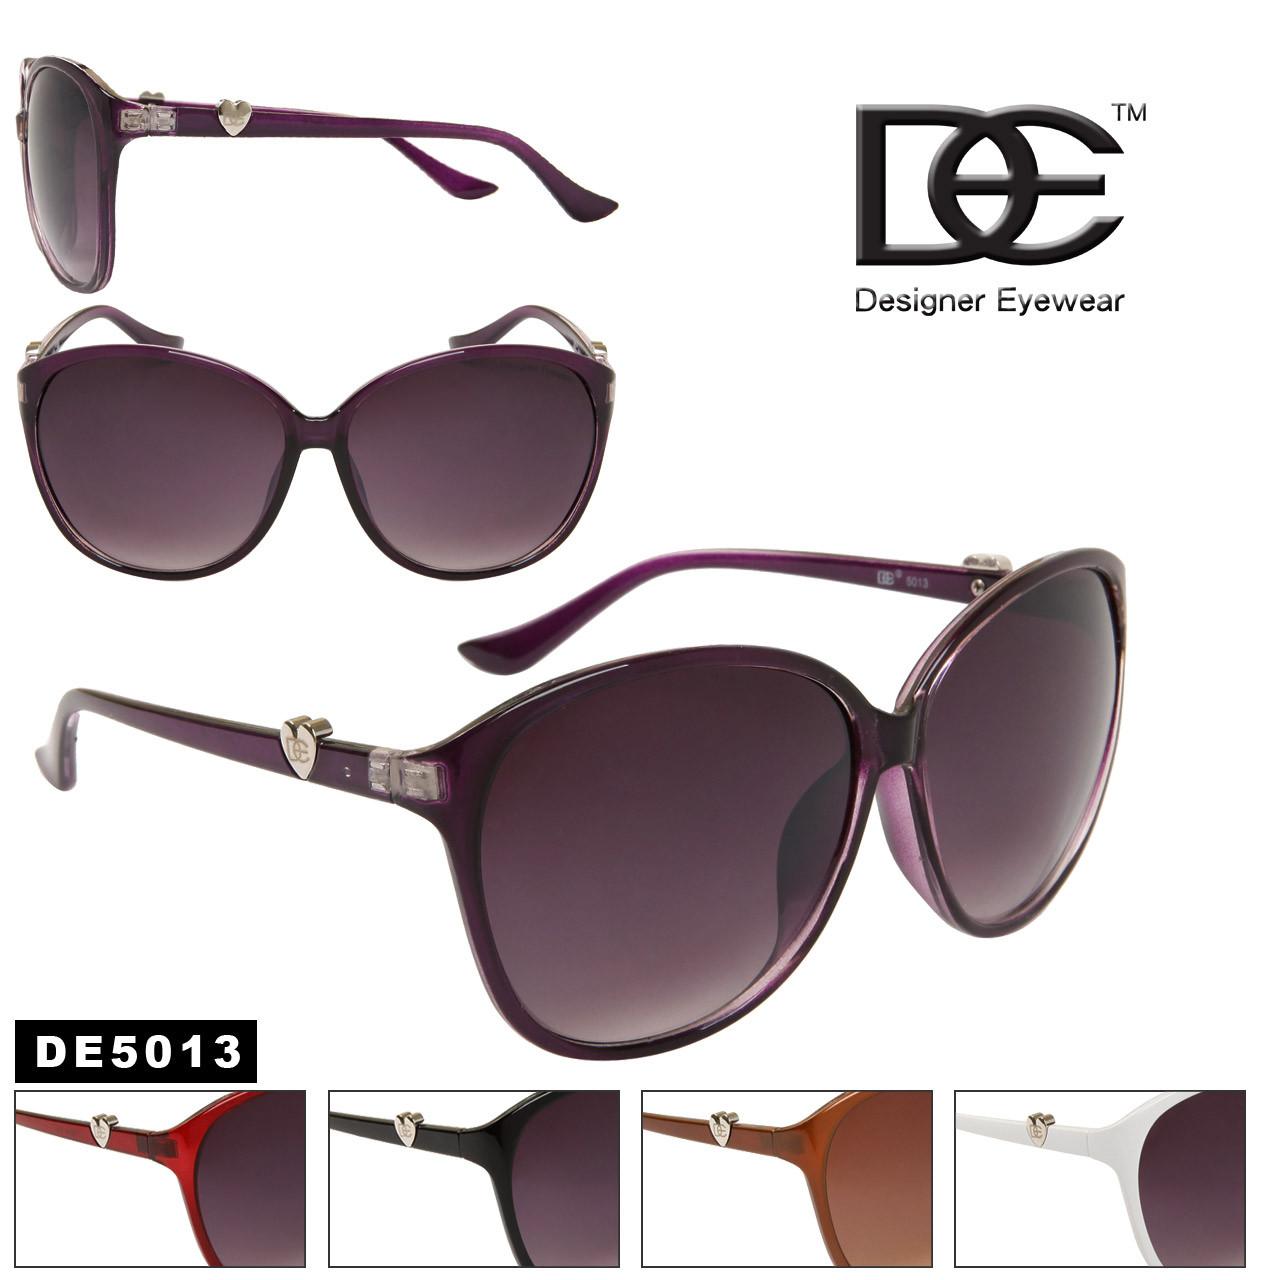 DE™ Vintage Sunglasses DE5013